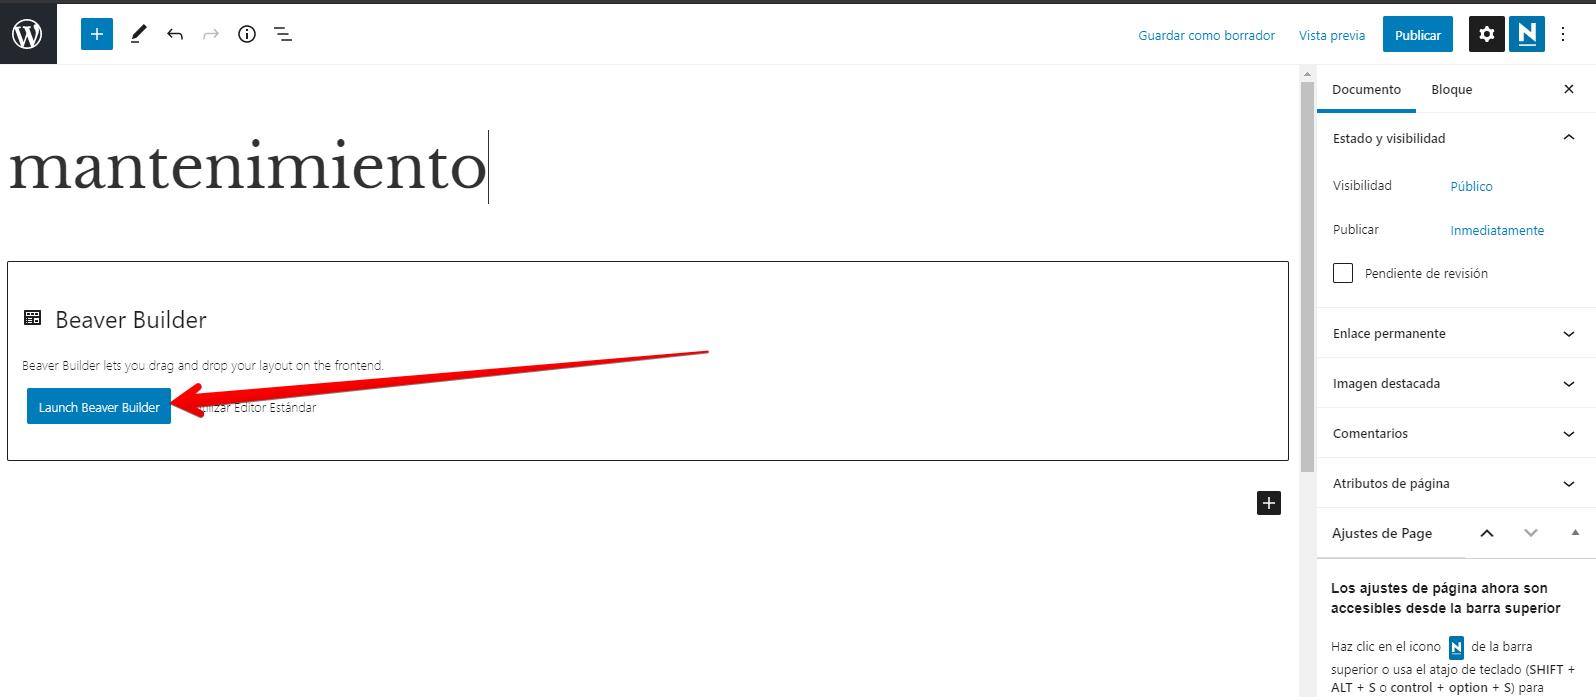 página para modo mantenimiento